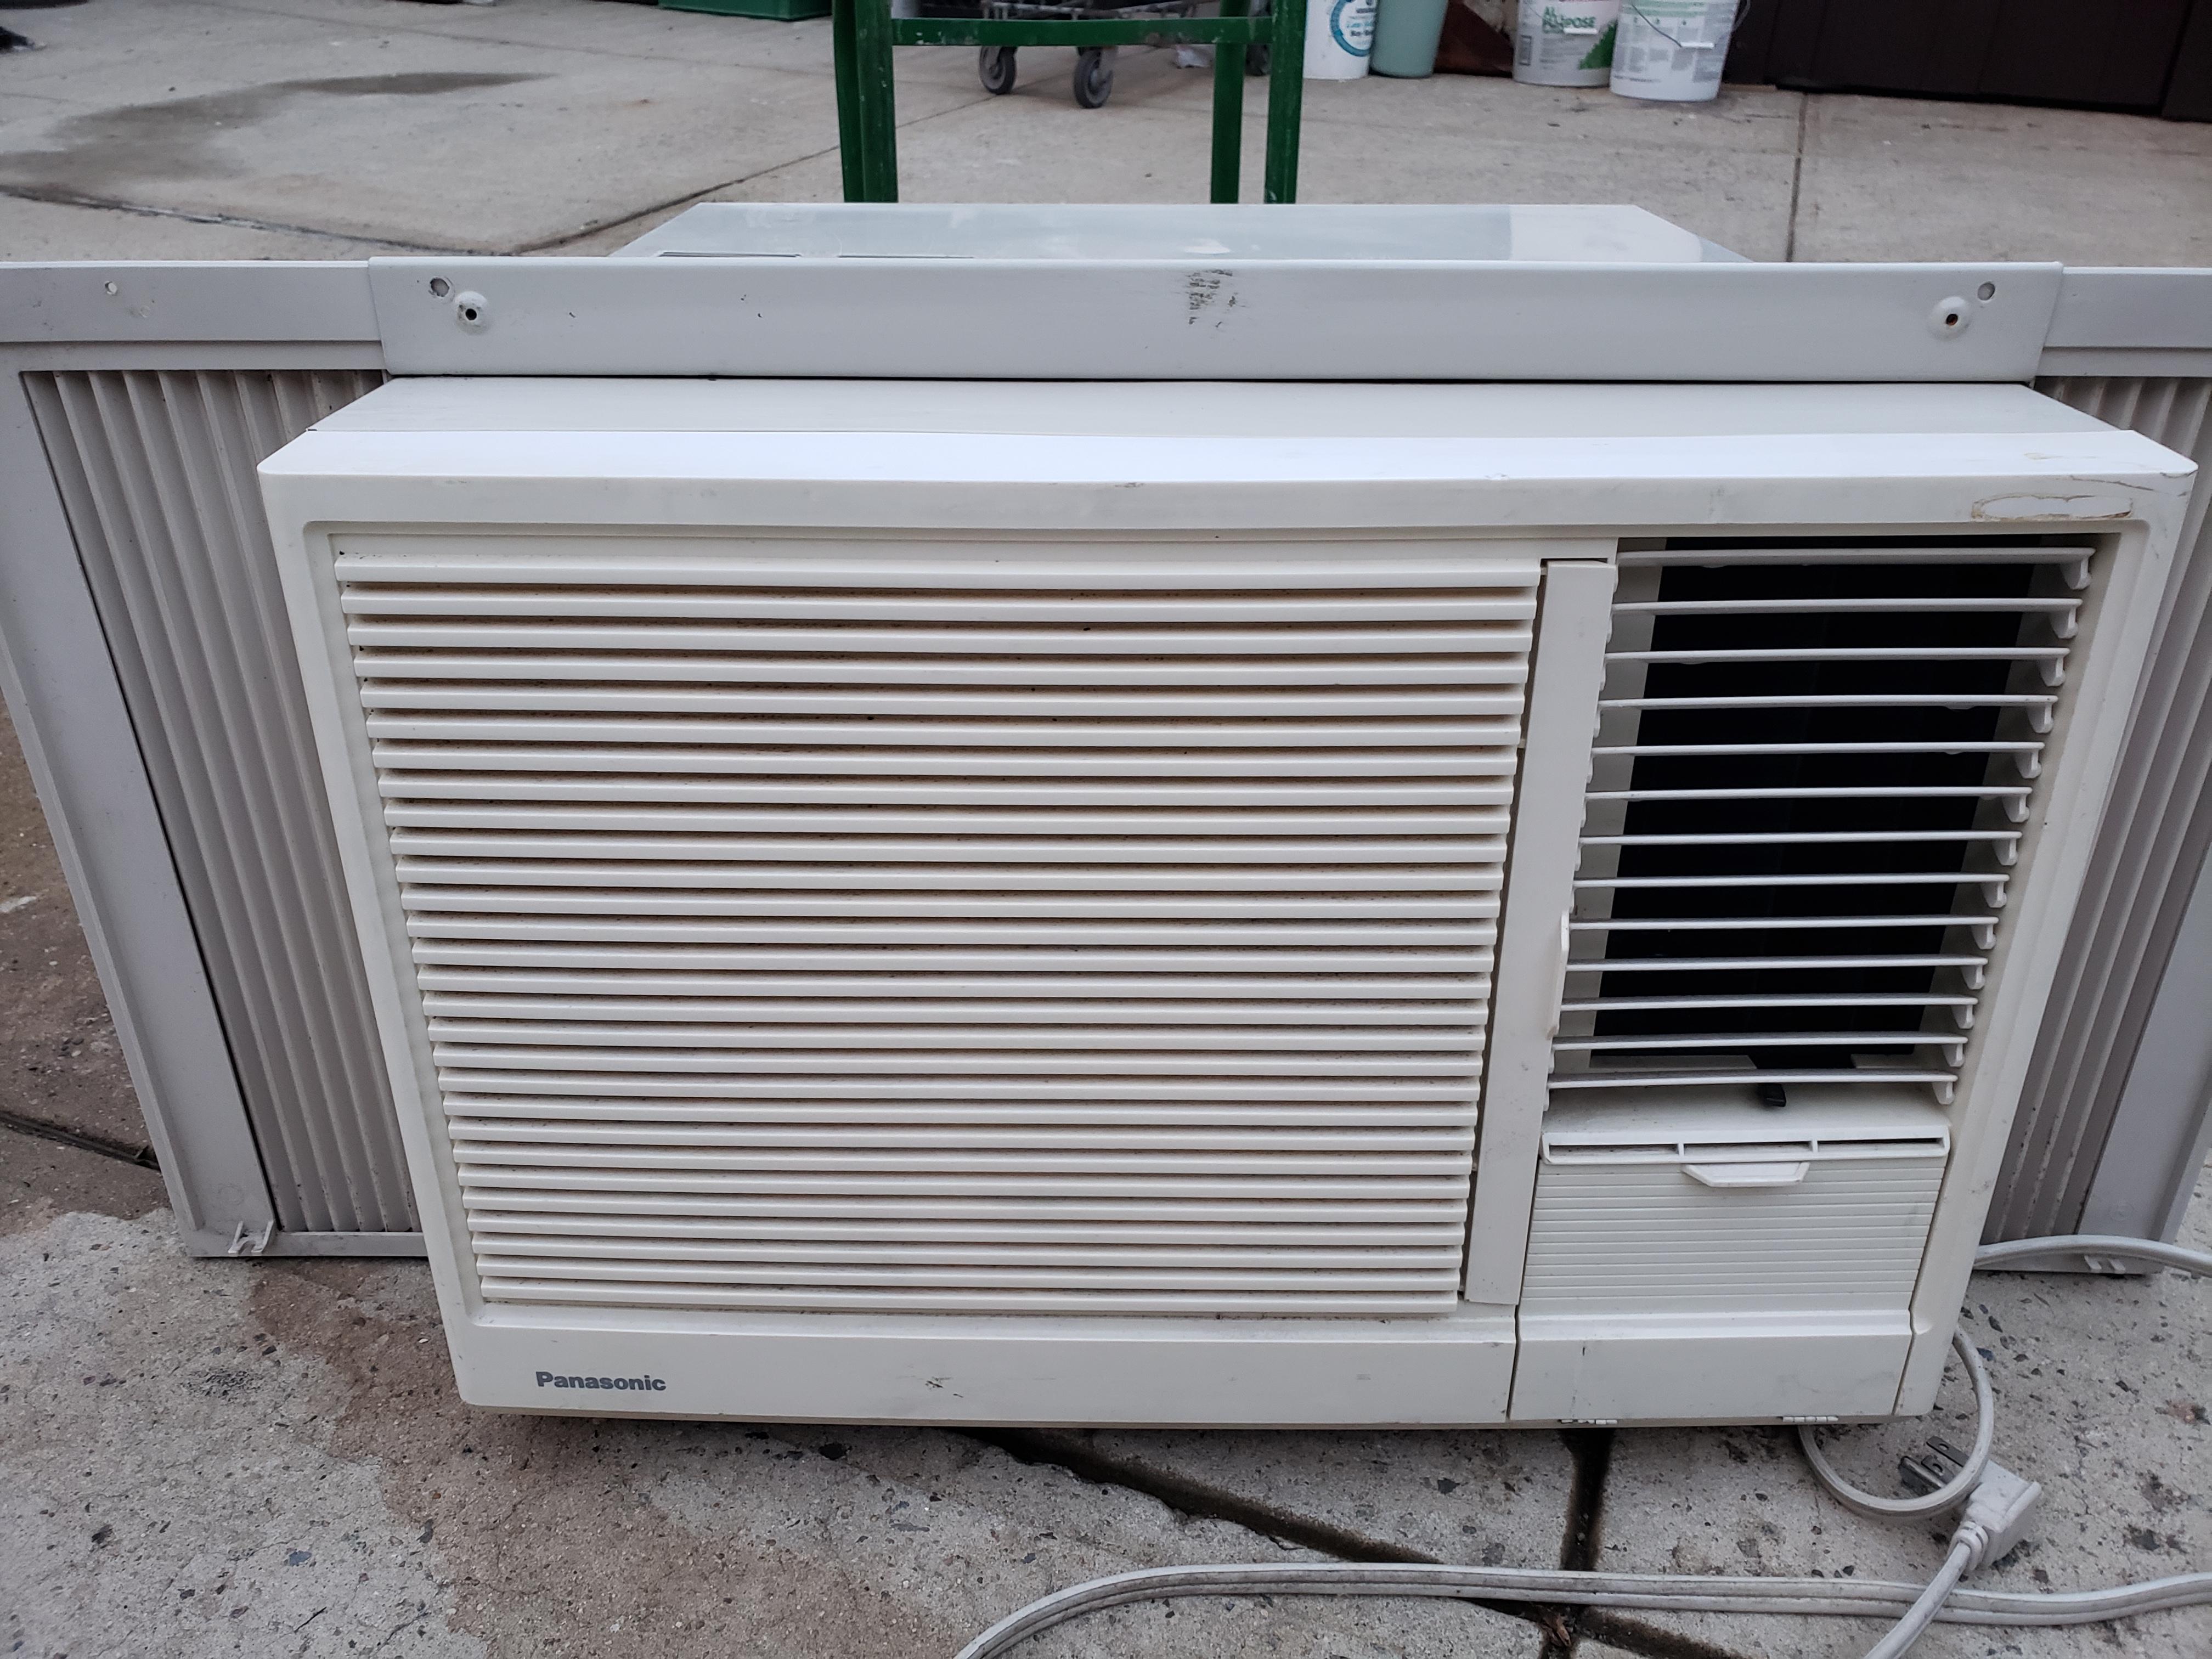 空调1万3BTU $100 . 空调1万BTU 9成新$90 . 空调8000BTU$80 位布鲁仑10大道67街有意请电 9173782611.